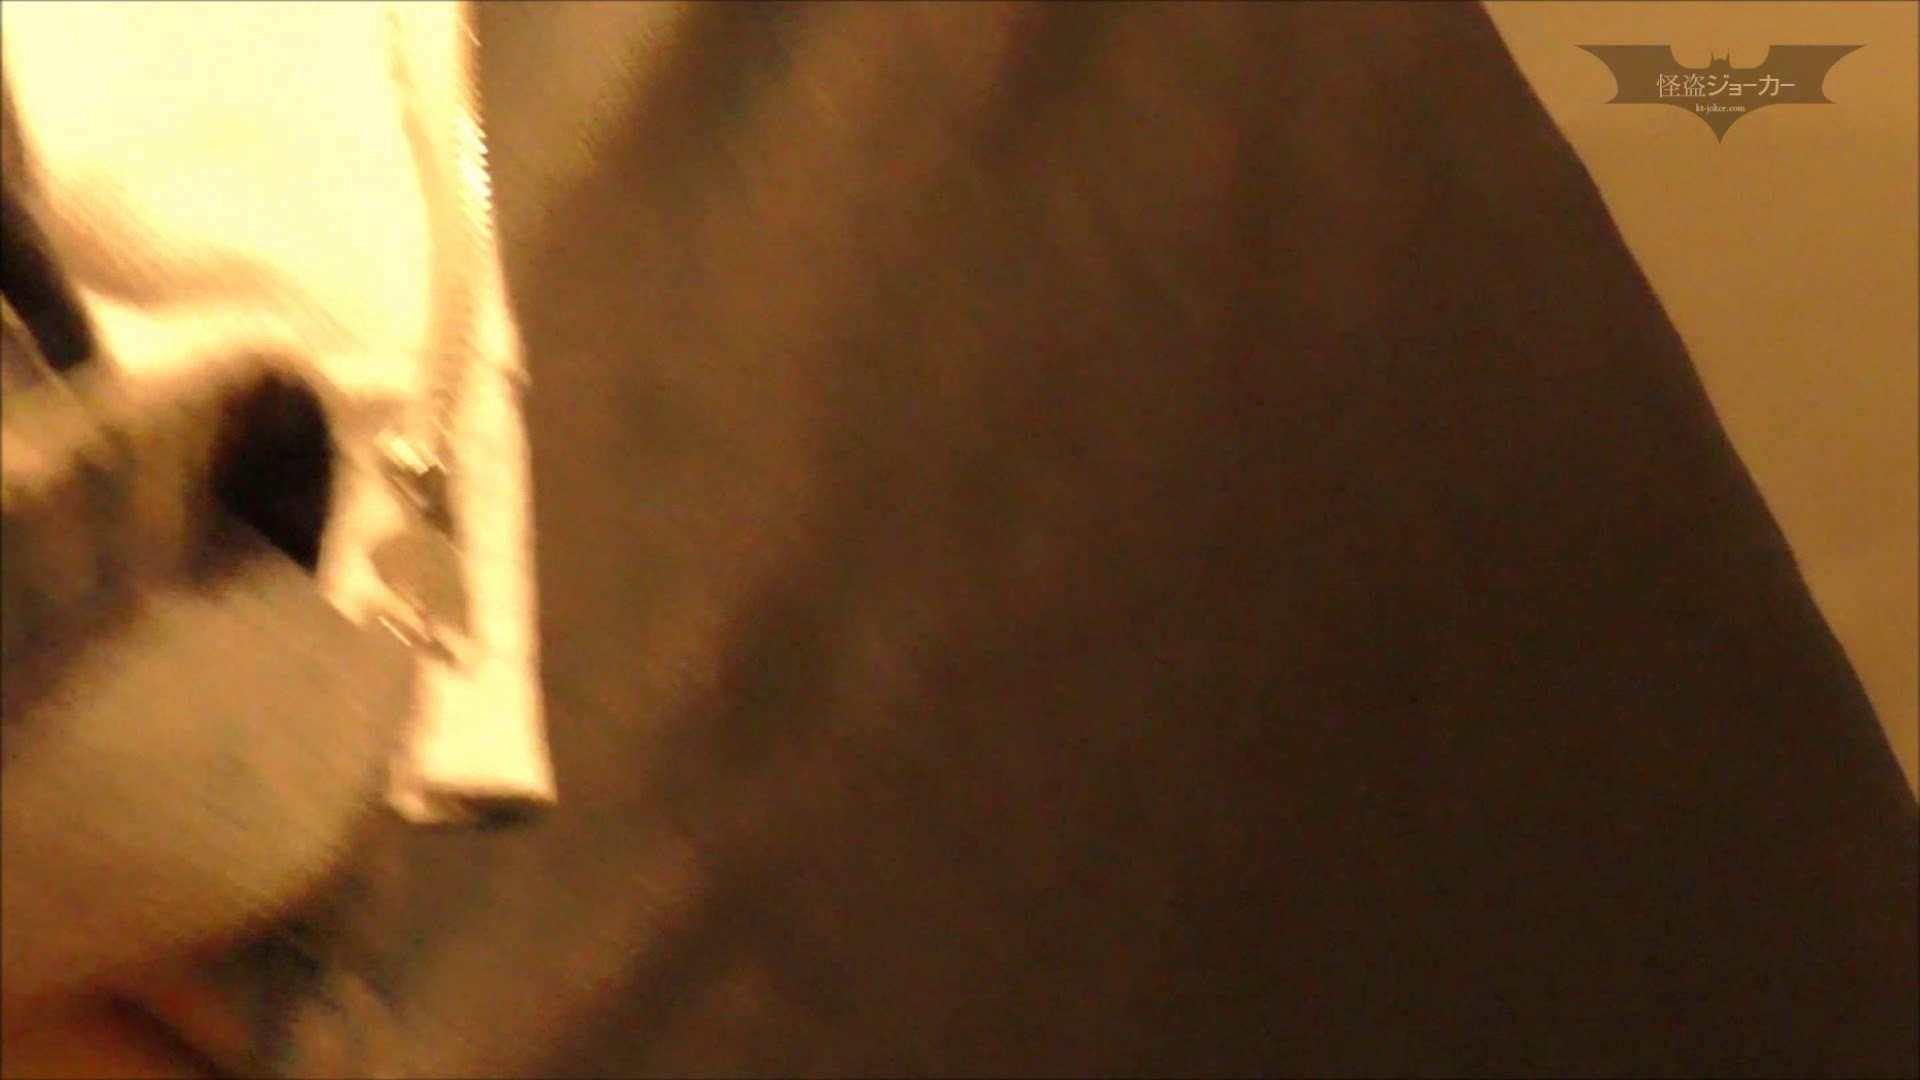 悪戯ネットカフェ Vol.06 若目狙って魔法でGO!! 悪戯 盗み撮り動画 94pic 84